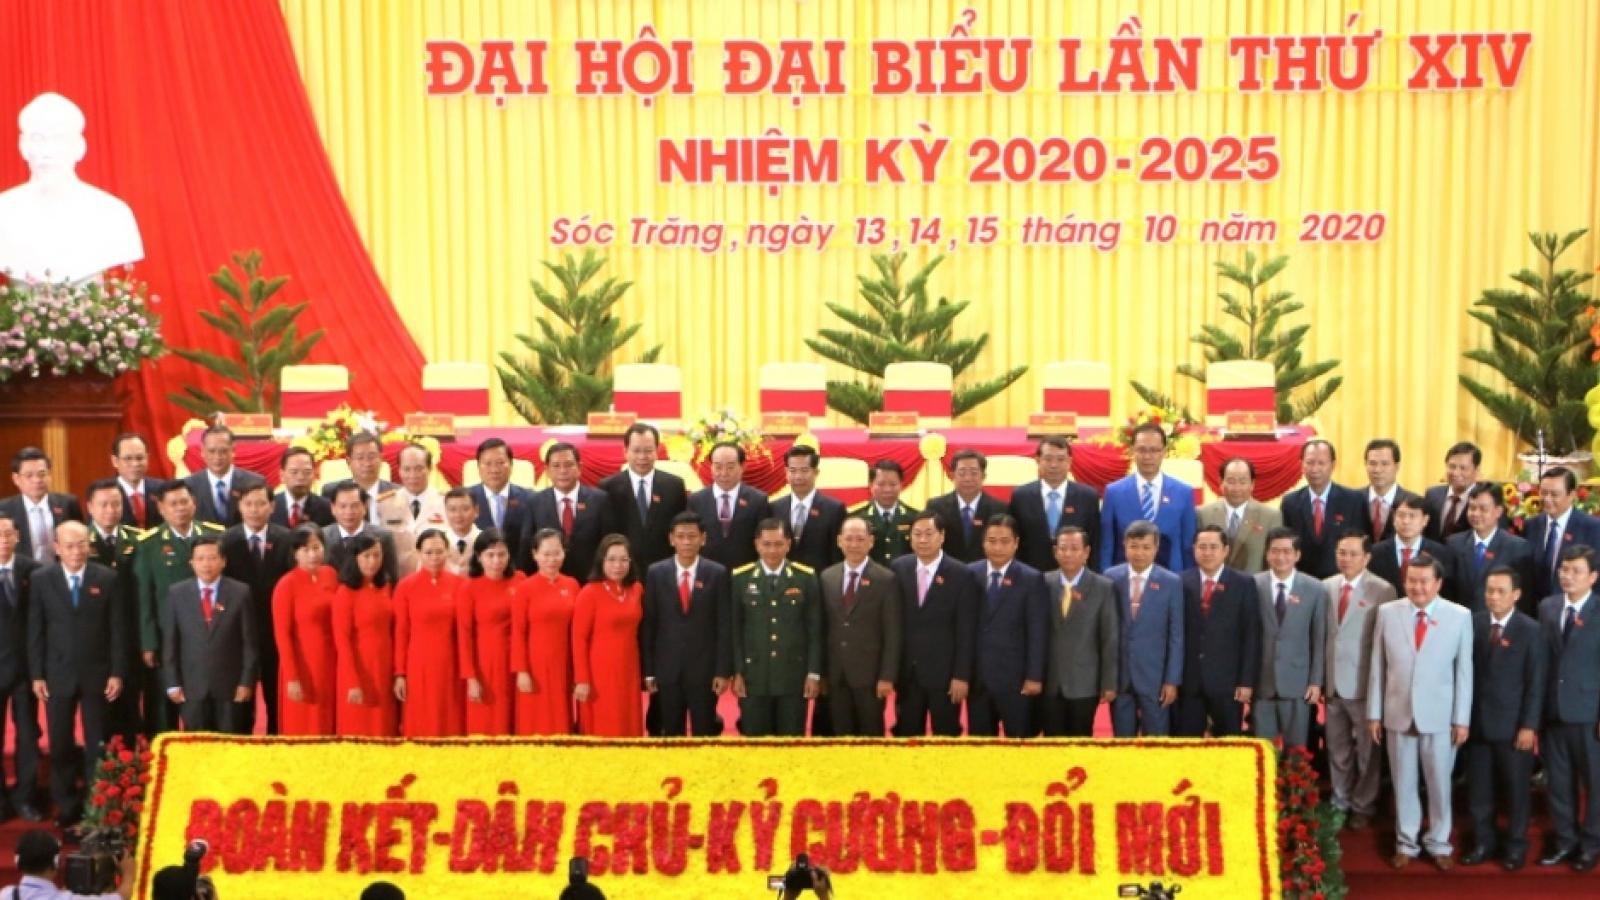 Bế mạc Đại hội Đảng bộ tỉnh Sóc Trăng lần thứ XIV